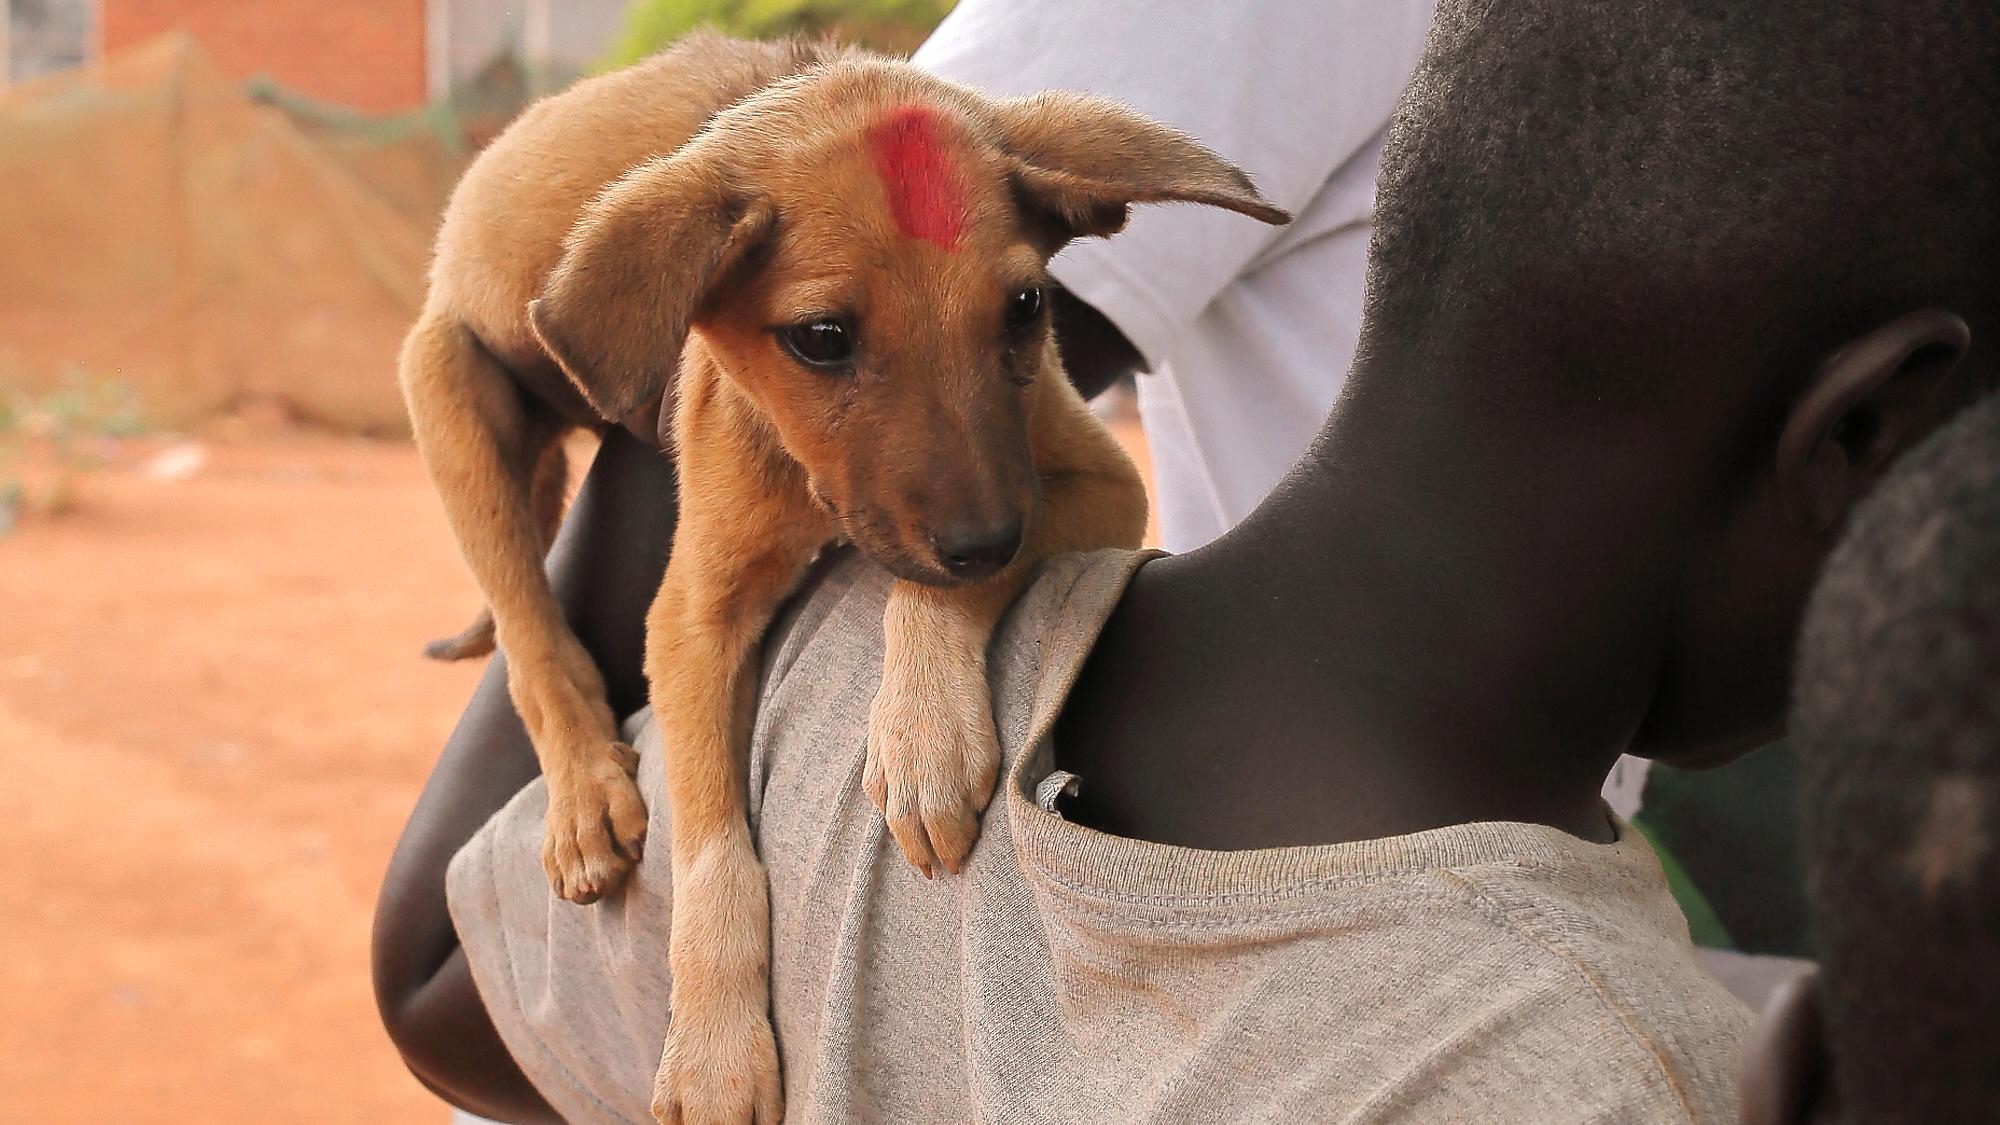 Die Tollwutimpfung könnte diesem Hund das Leben retten